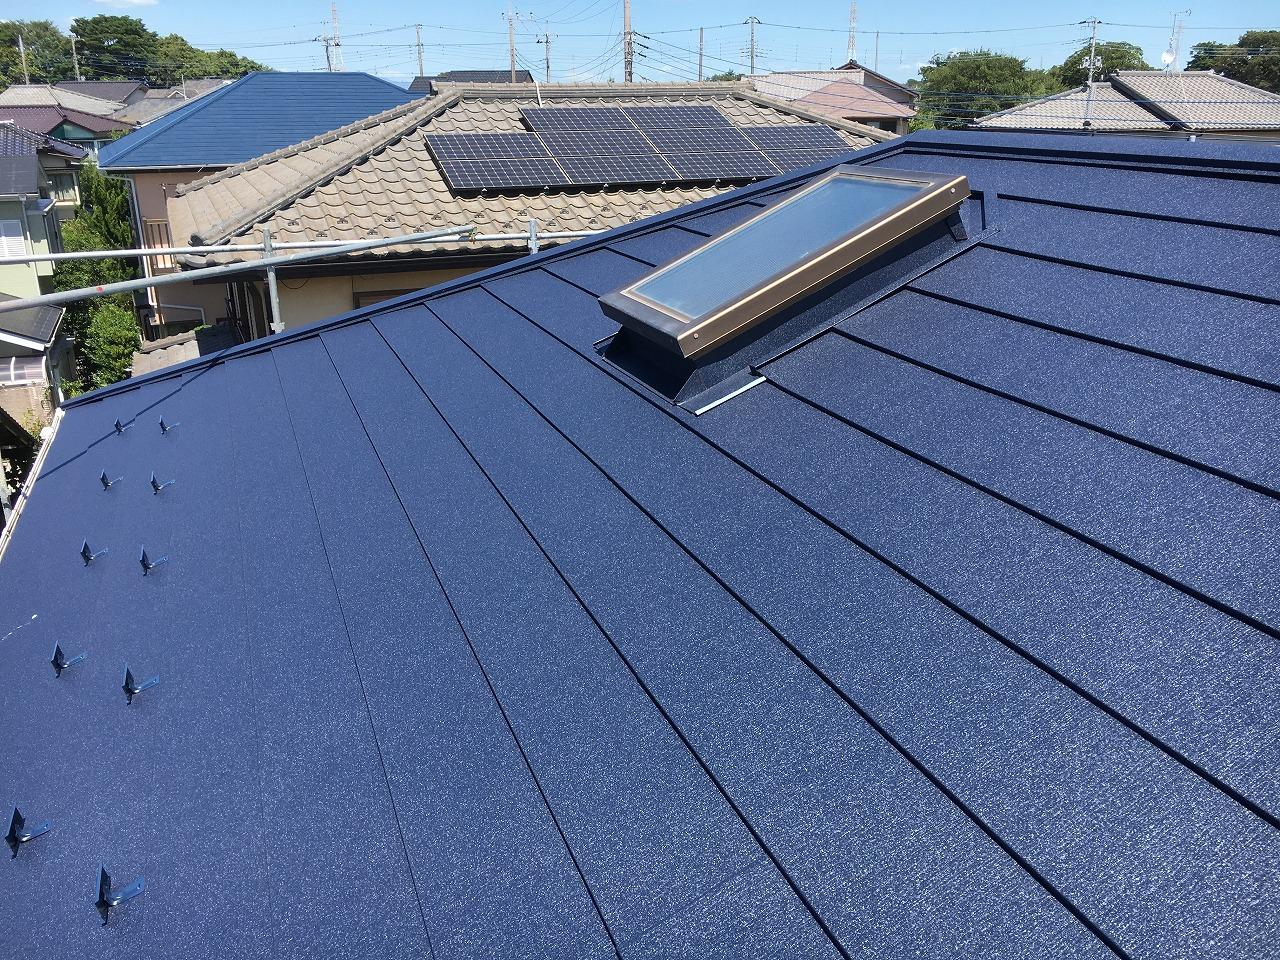 千葉県印旛郡T様邸 屋根カバー工事が完成しました!